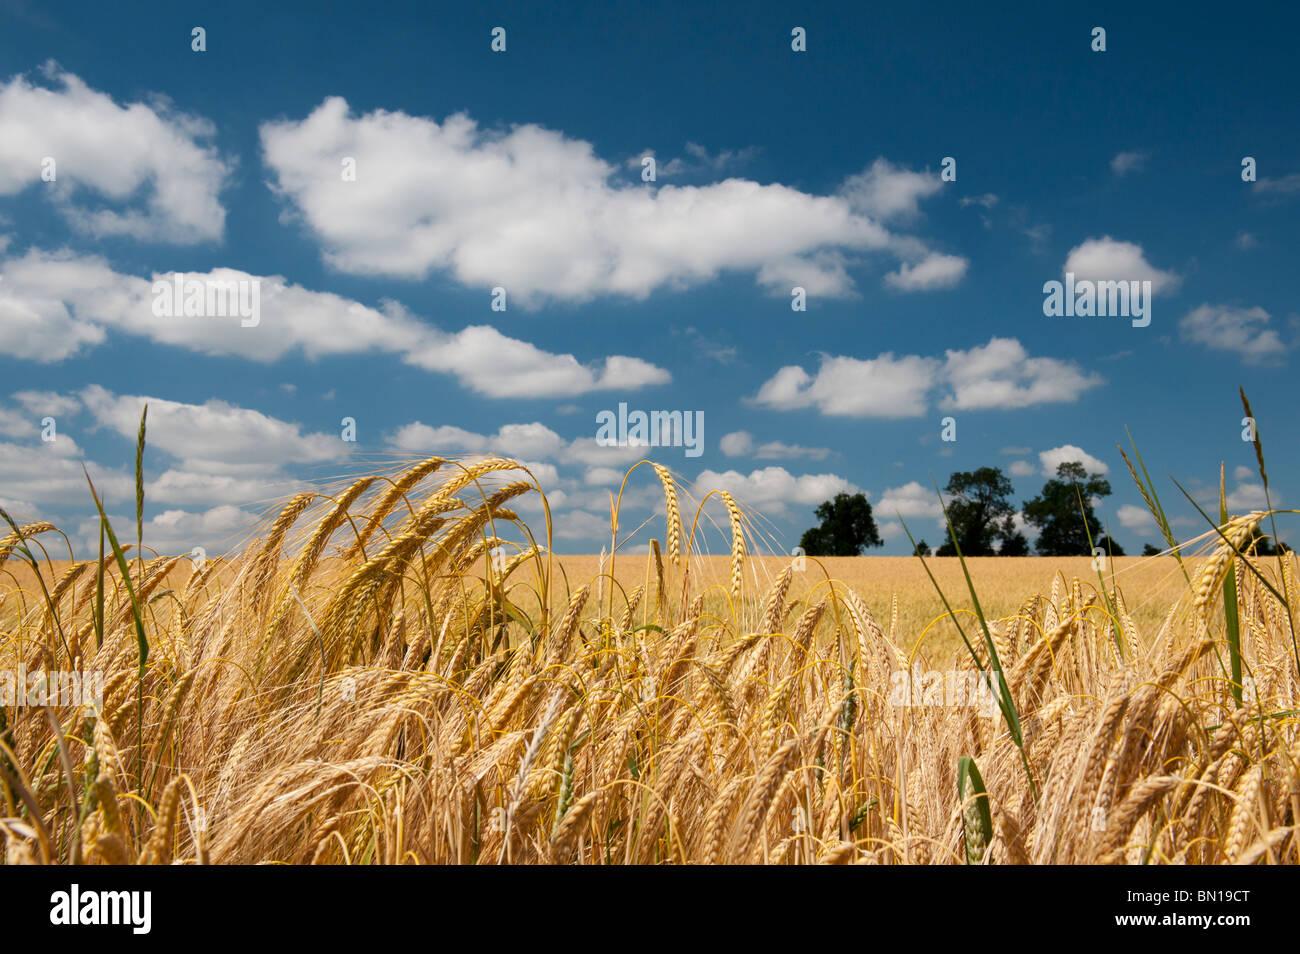 La maduración de la cebada en un campo en la campiña inglesa. Oxfordshire, Inglaterra Imagen De Stock